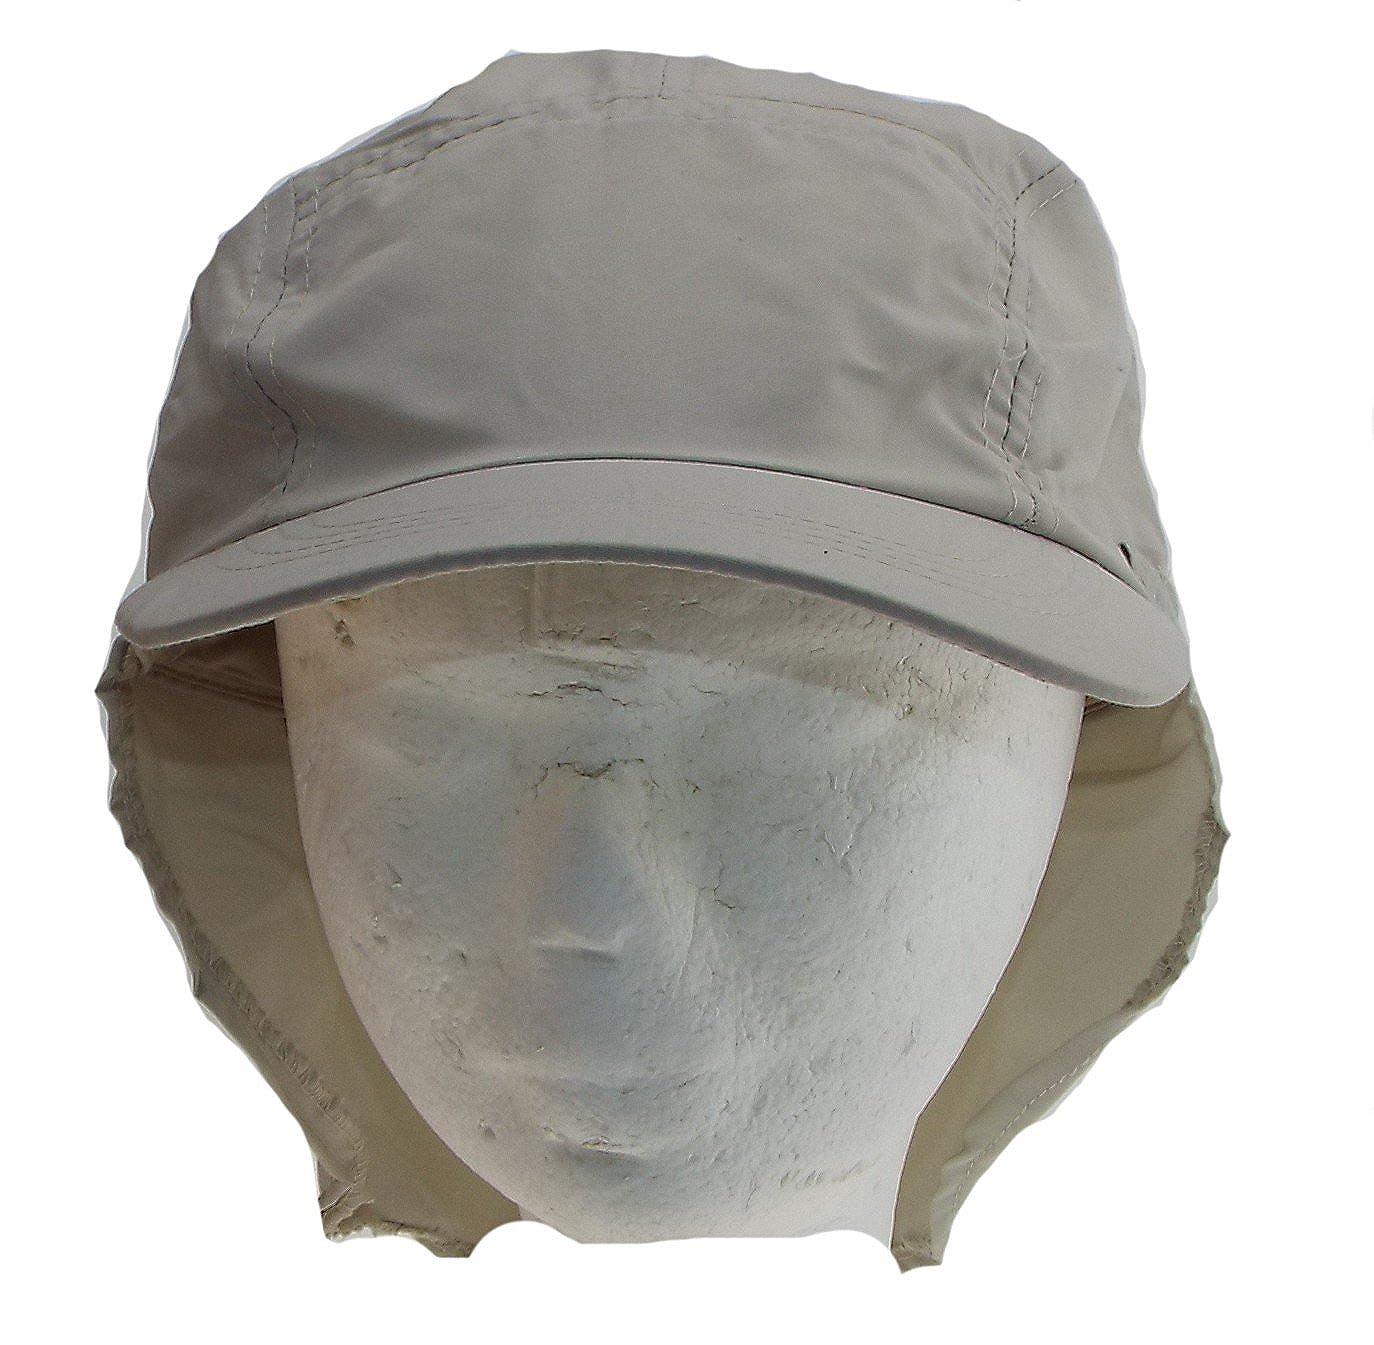 73cd21606681 1 Casquette homme avec cache nuque amovible - taille 57 ou 59 - ribstop -  100% polyester, microfibre.  Amazon.fr  Vêtements et accessoires